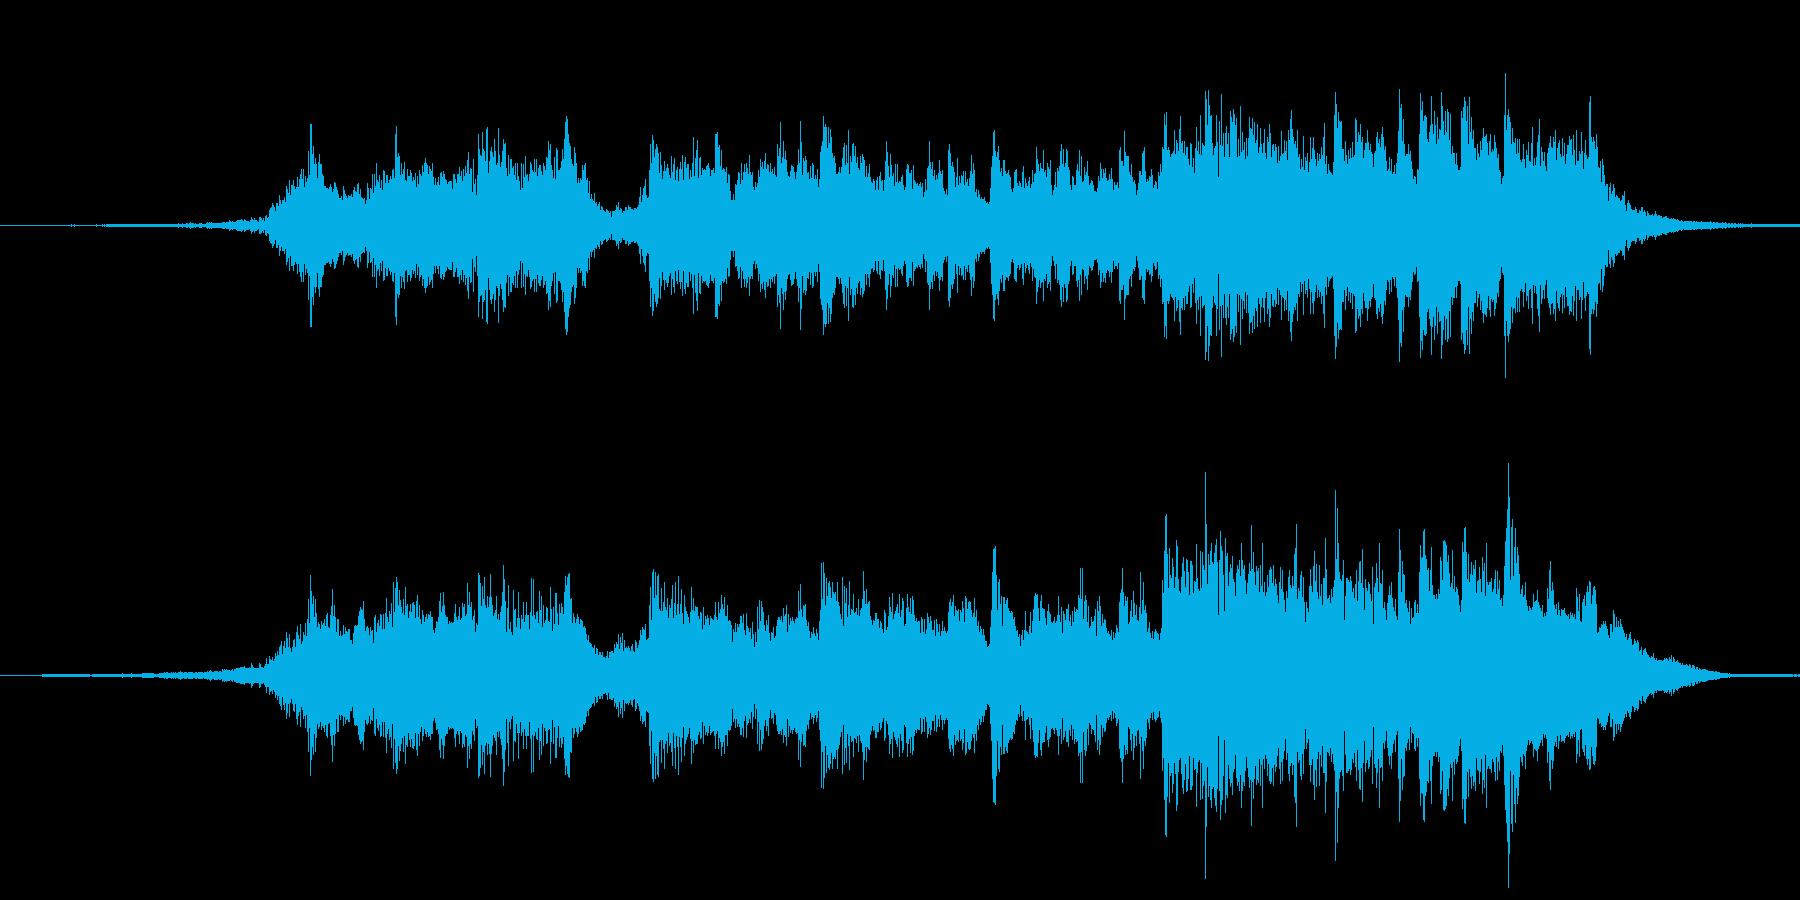 転換に最適なストリングによるジングルの再生済みの波形